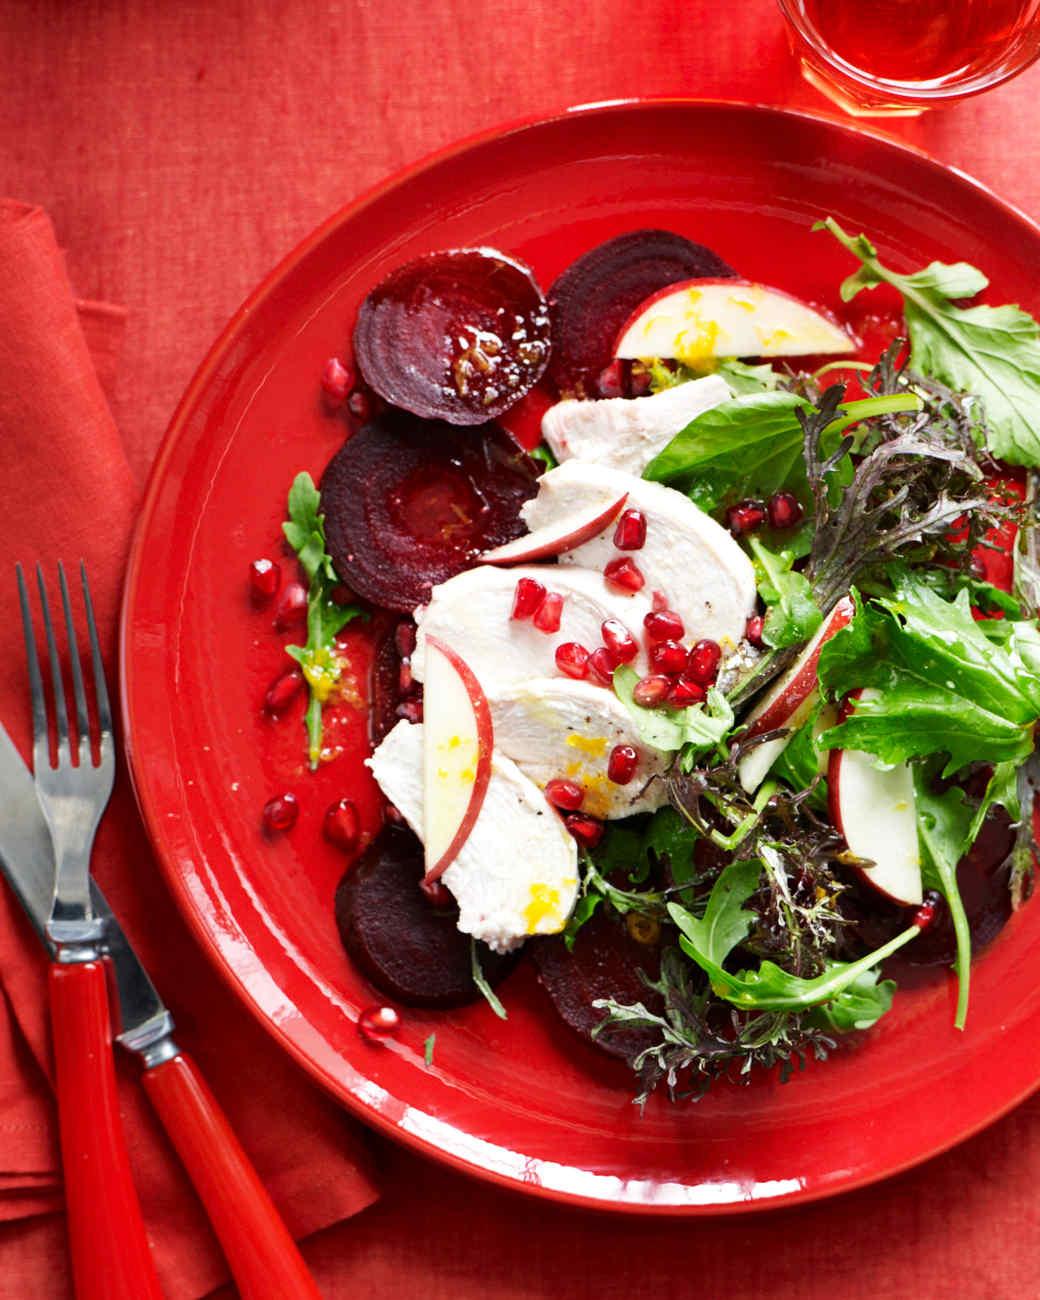 beet-salad-018-ed109281.jpg